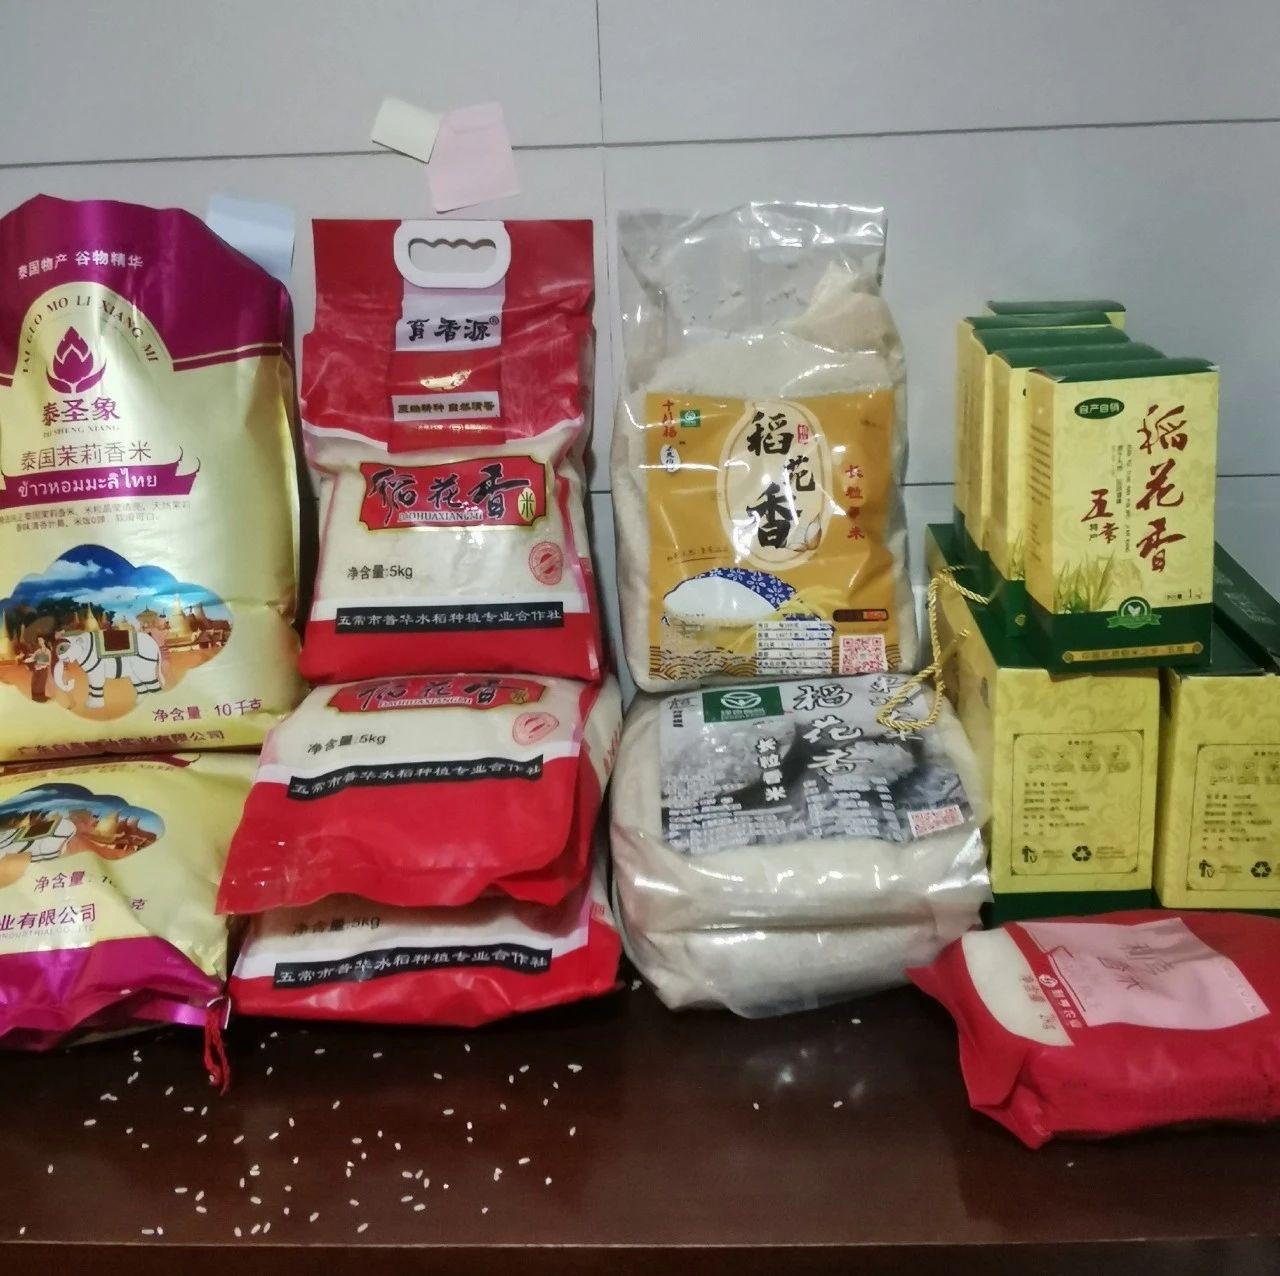 网传要到去抢米,有粮食危机?权威解答来了